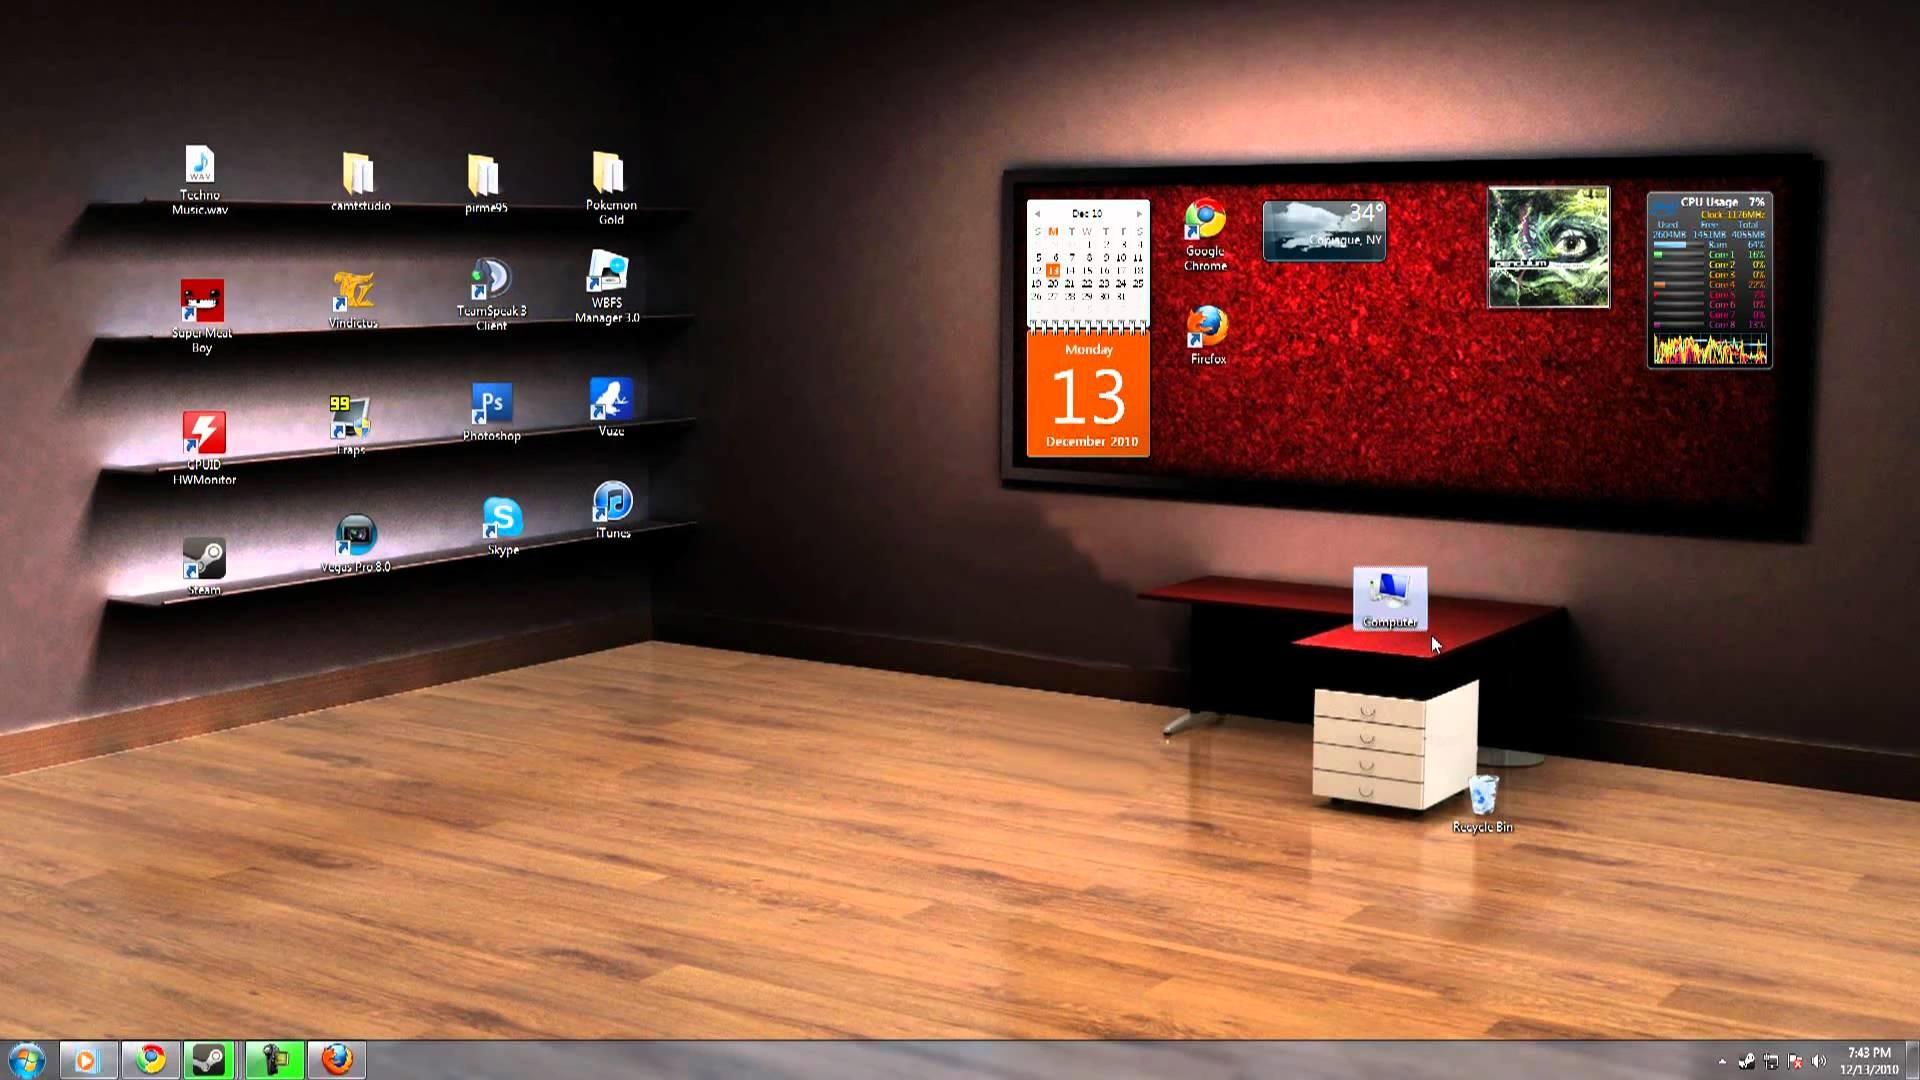 cкринмэйты для рабочего стола portable